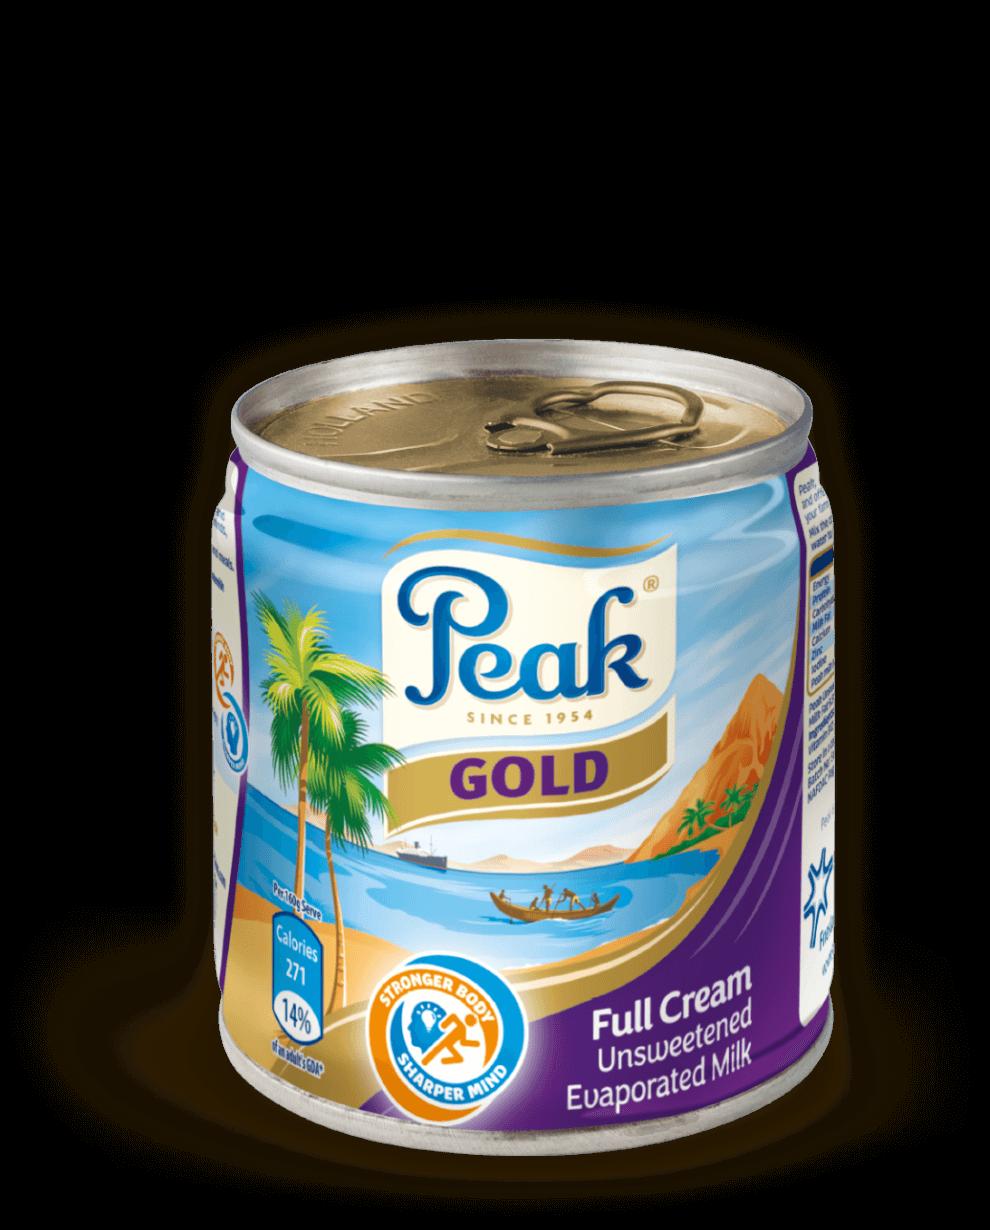 Peak Gold Full Cream Unsweetened Evaporated Milk Tin